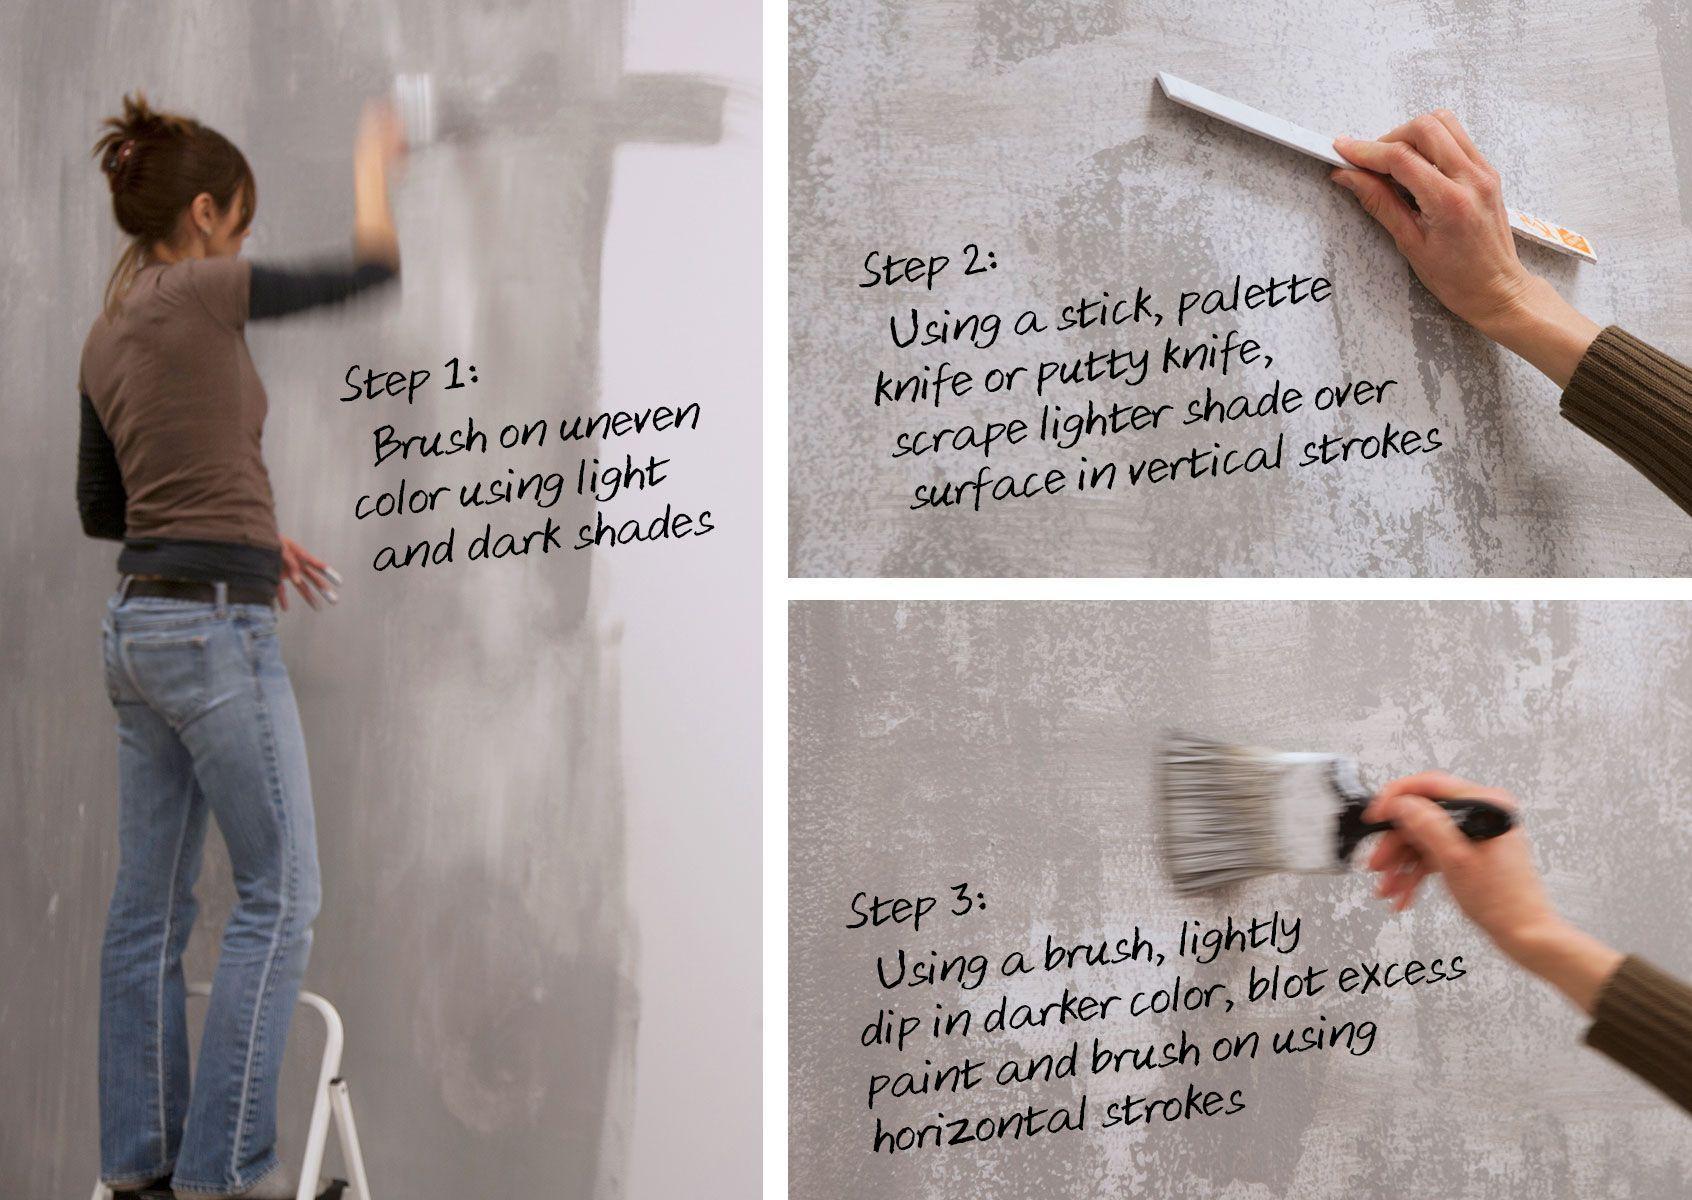 Dd82ea81c0de30208ea22f80543376d9 Jpg 1 692 1 200 Pixels Faux Concrete Wall Painting Concrete Walls Painting Concrete